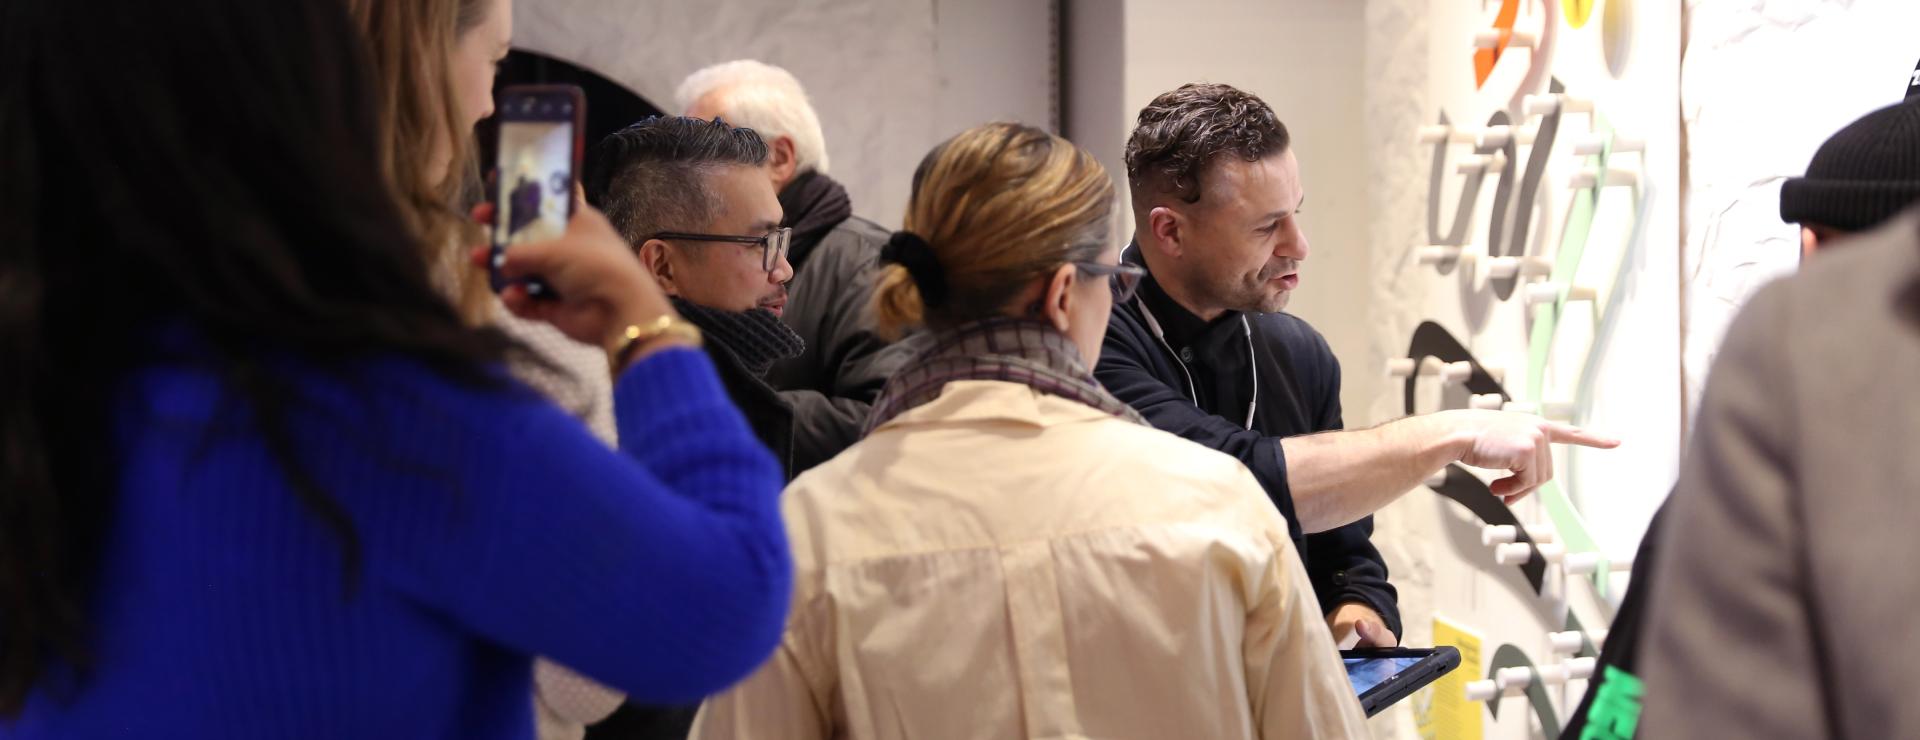 DesignTO Symposium: Towards Inclusive Design